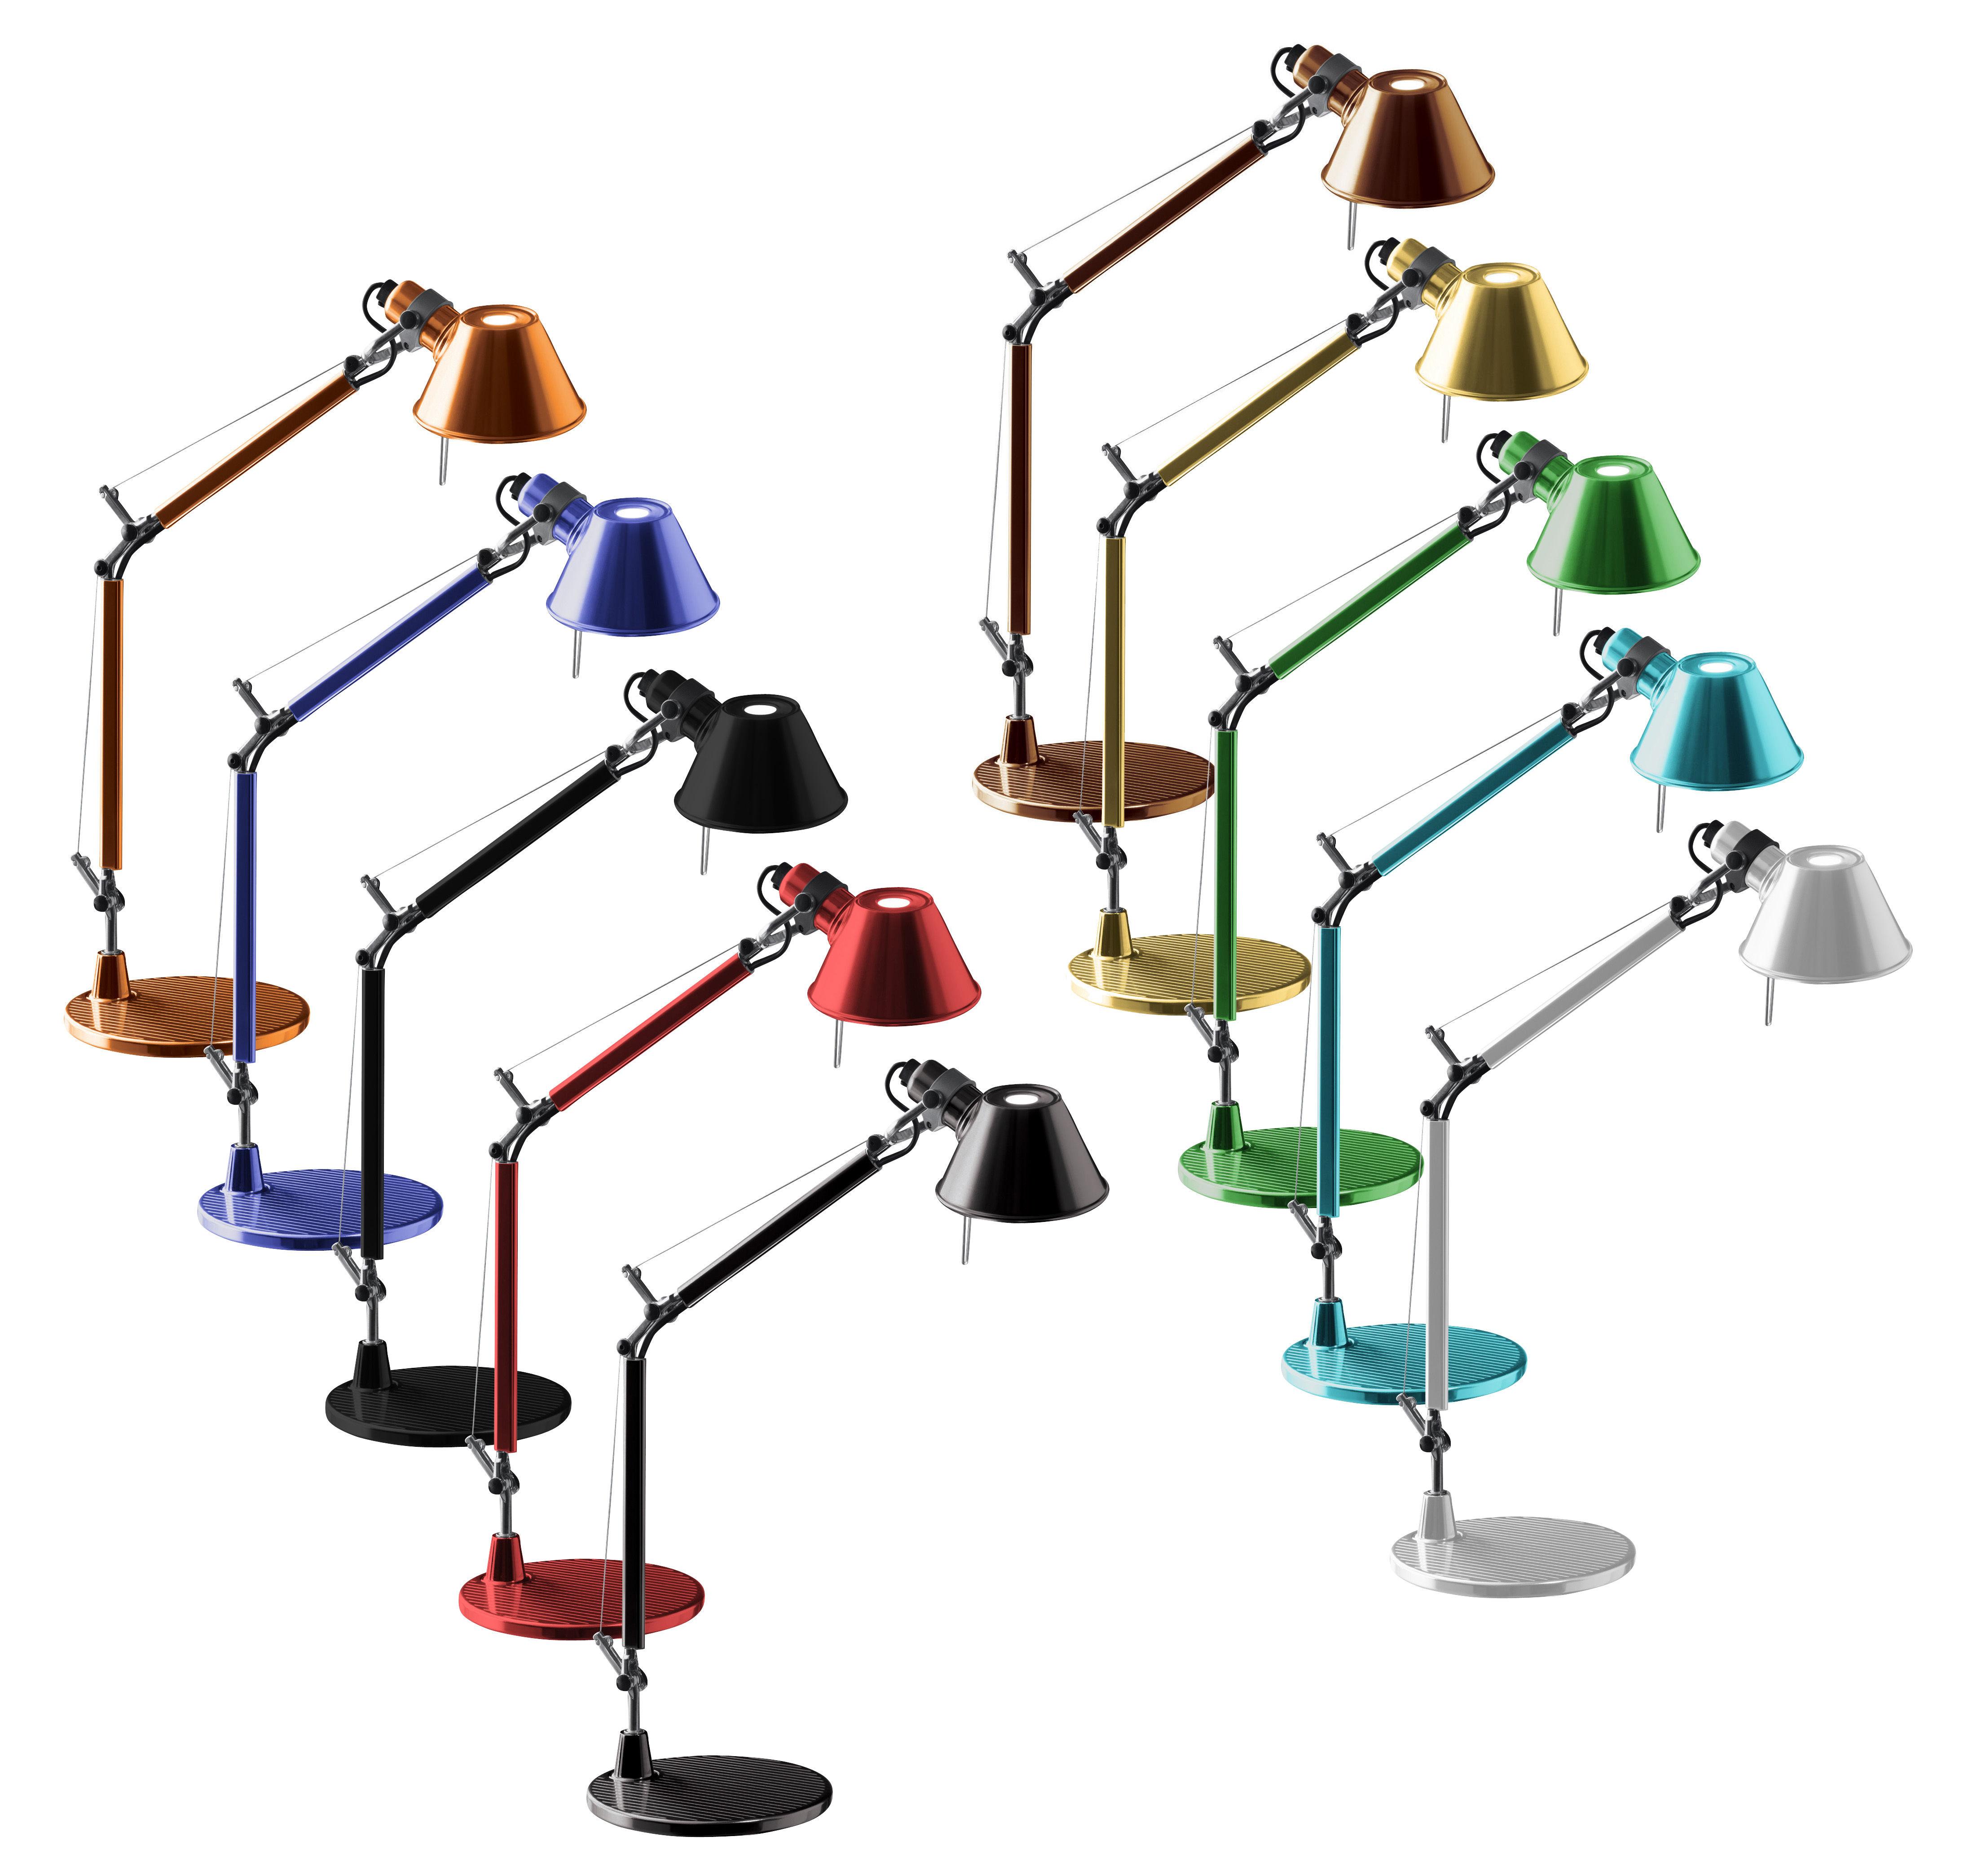 Scopri lampada da tavolo tolomeo micro rosso di artemide made in design italia - Lampada da tavolo tolomeo ...